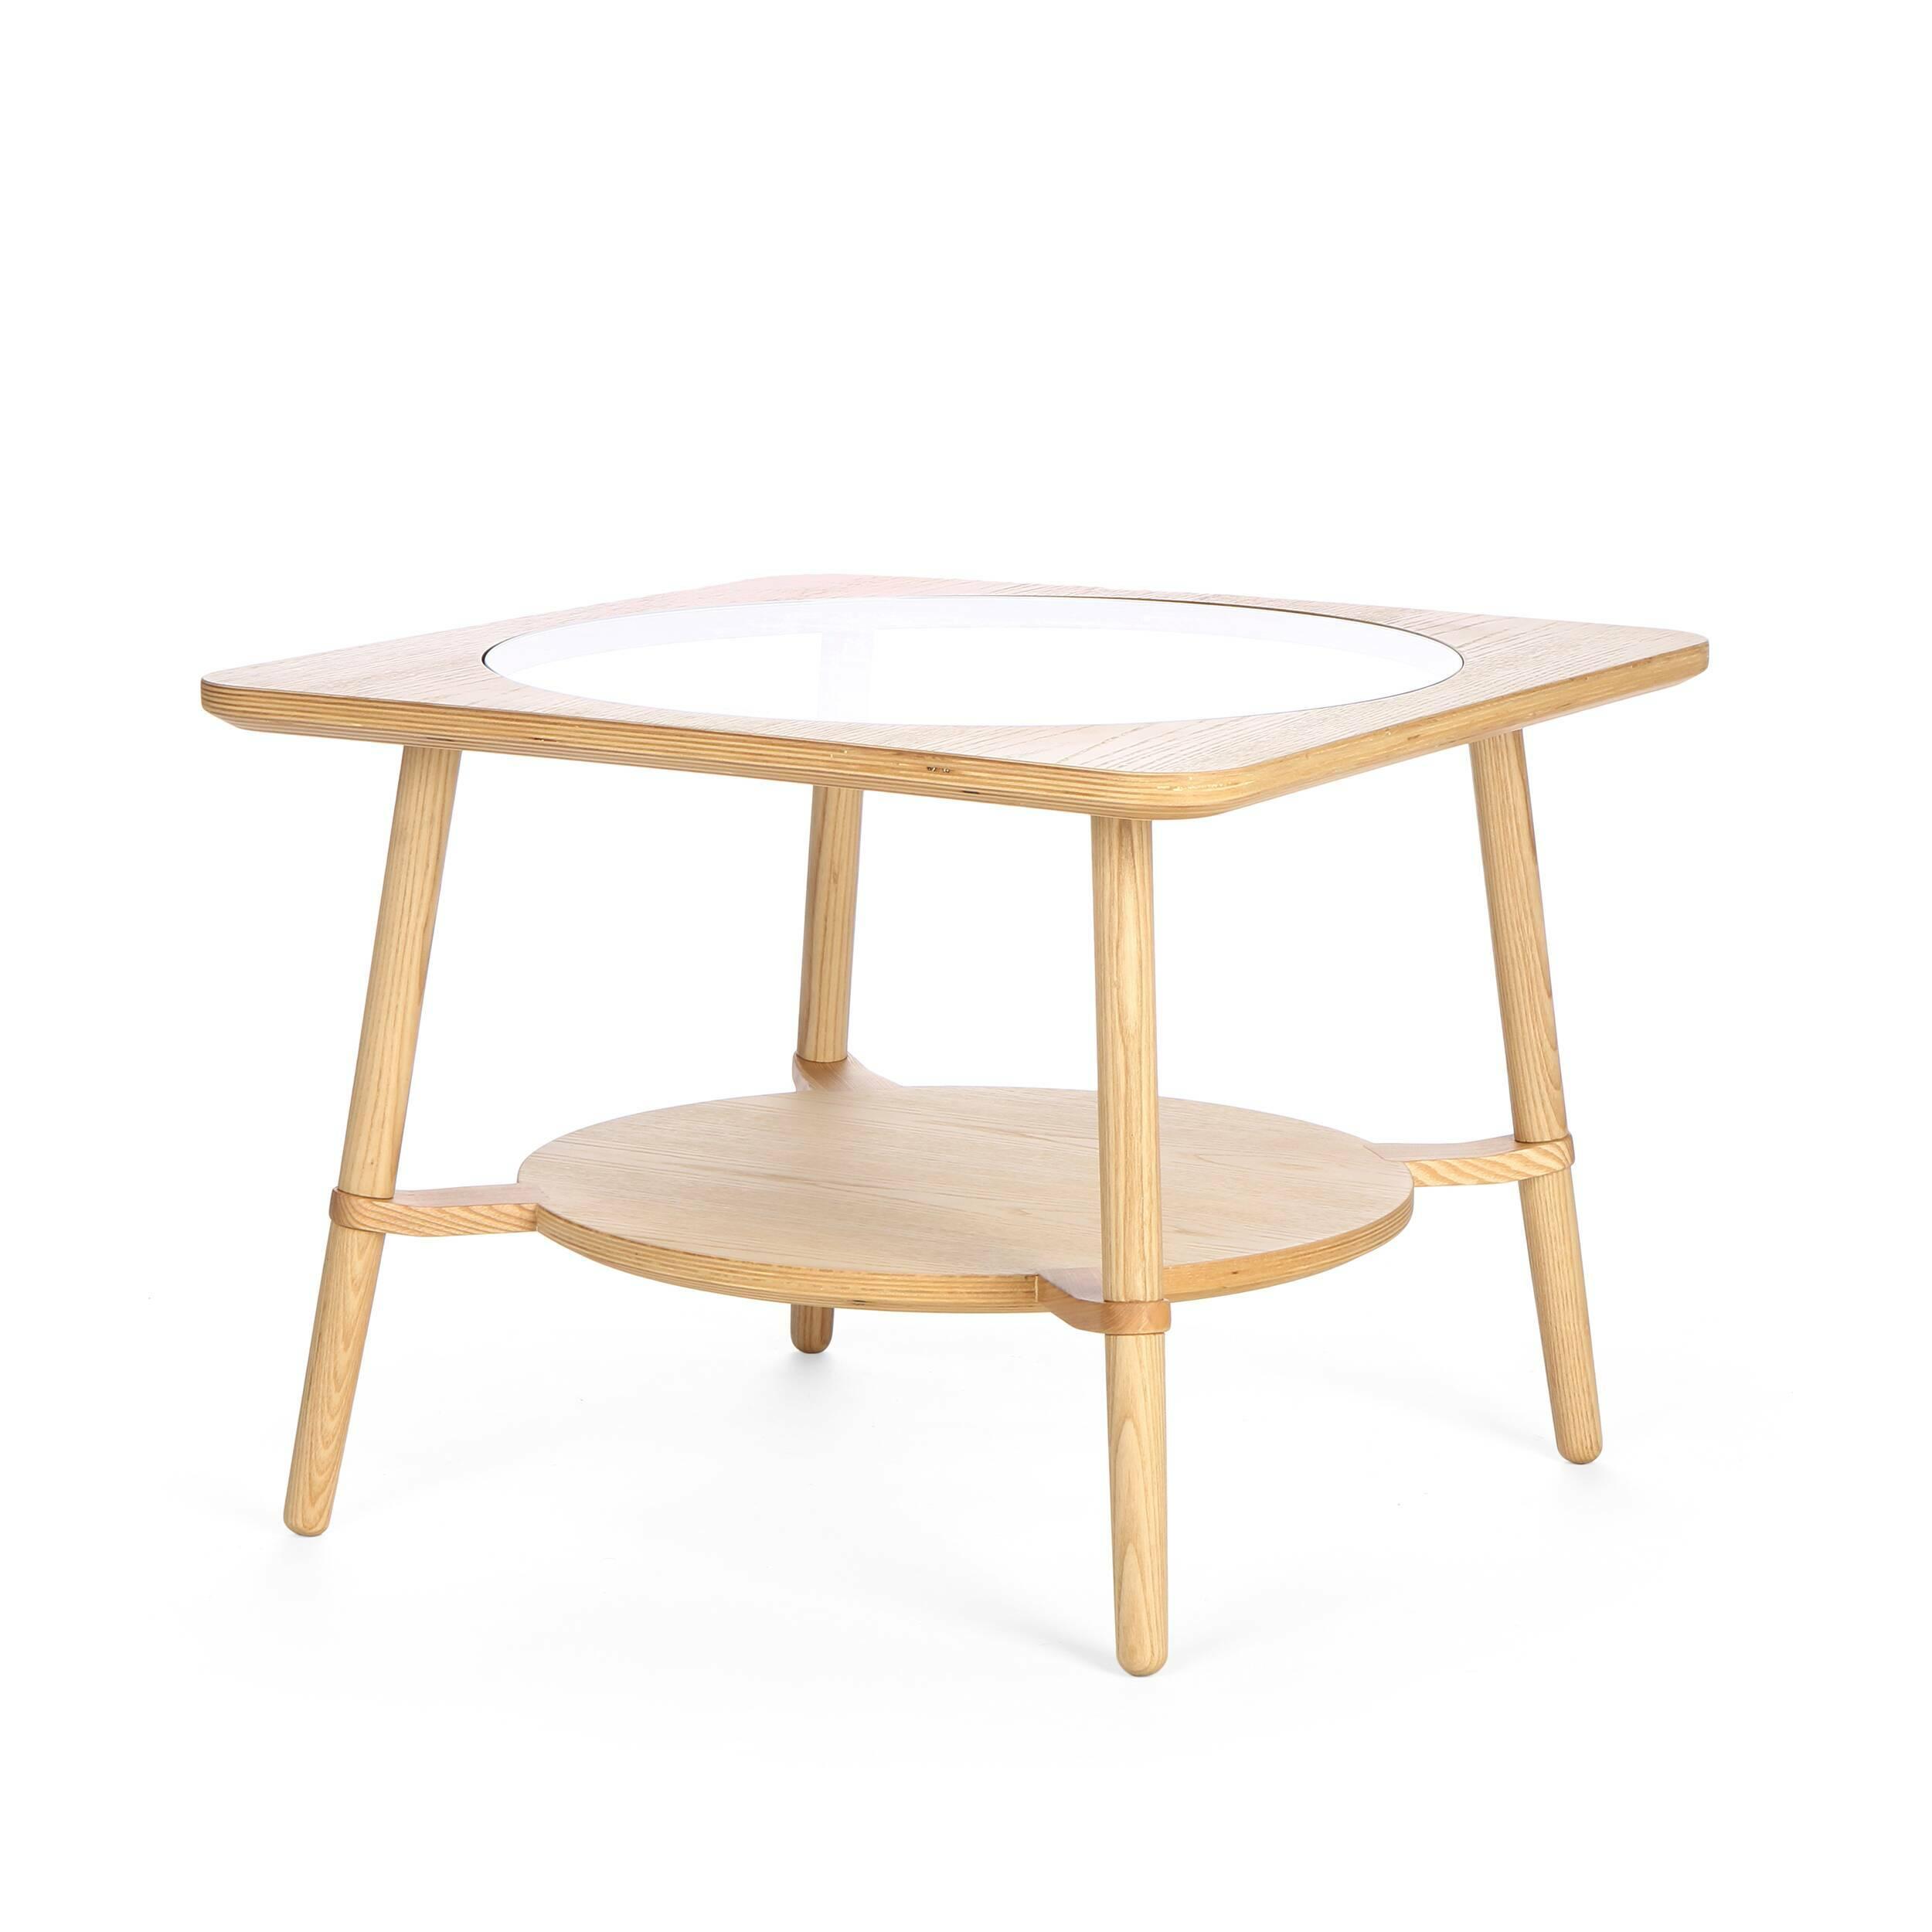 Кофейный стол  CutoutКофейные столики<br>Дизайнерский стильный кофейный стол Cutout (Катаут) с прозрачной столешницей от Cosmo (Космо).<br><br><br> Журнальный стол Cutout сконструировал американский дизайнер Шон Дикс. Мебель Шона Дикса минималистична и интеллектуальна, прекрасно обработана и очень функциональна. Она несет в себе чувство роскоши, которое отличает работы Шона от работ его коллег. <br><br><br> Иногда дизайнеры как дети, им хочется взяться за ножницы и клей и смастерить причудливое оригами или аппликацию. Так родилась и эта моде...<br><br>stock: 3<br>Высота: 45<br>Ширина: 60<br>Длина: 60<br>Цвет ножек: Светло-коричневый<br>Цвет столешницы: Прозрачный<br>Материал каркаса: Фанера, шпон ясеня<br>Материал ножек: Массив ясеня<br>Тип материала каркаса: Фанера<br>Тип материала столешницы: Стекло закаленное<br>Тип материала ножек: Дерево<br>Цвет каркаса: Светло-коричневый